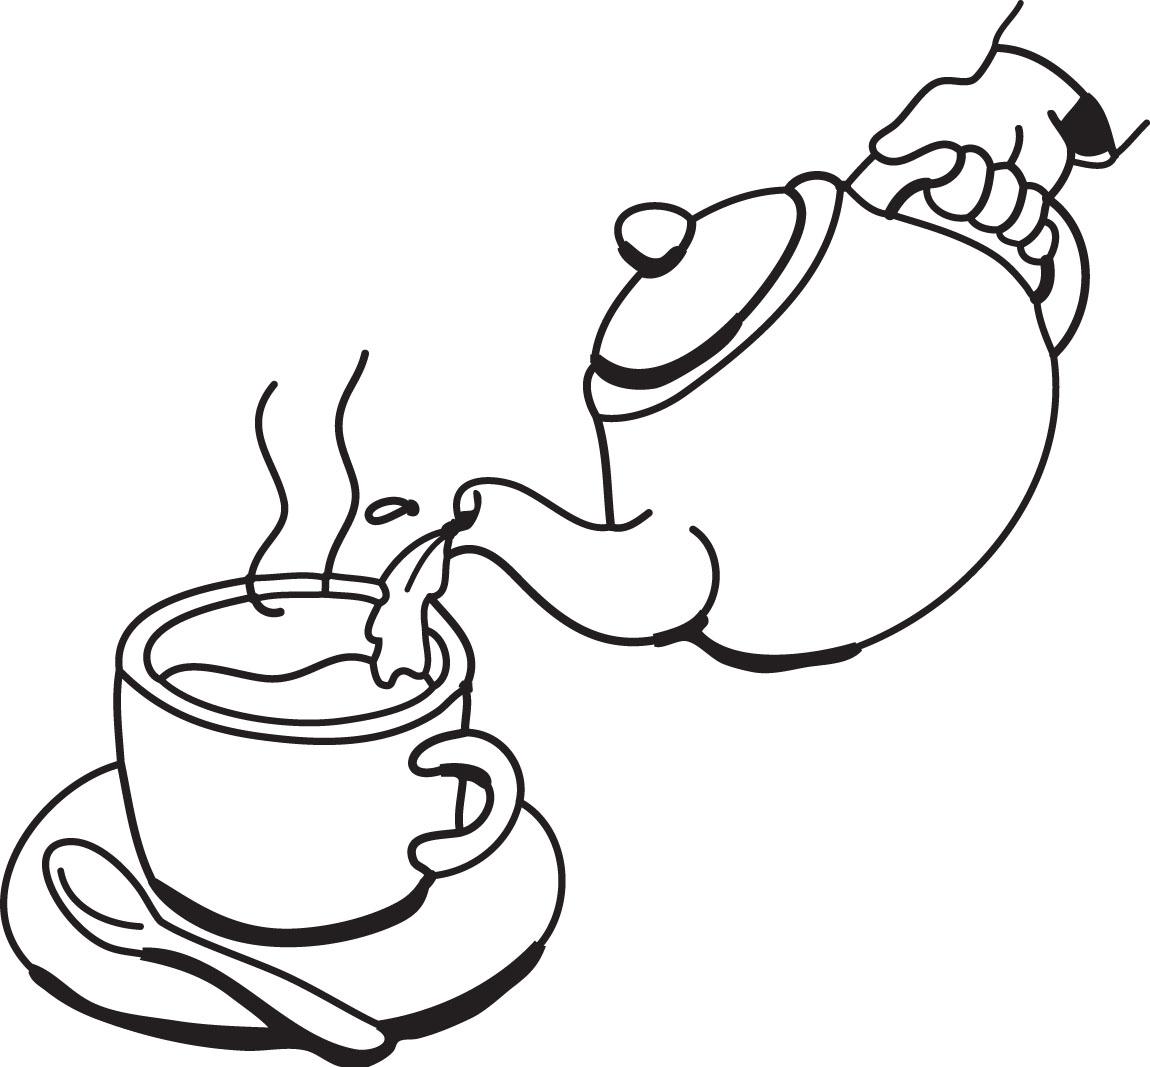 Tea cup teapot fancy teacup clip art free clipart images 2 clipartandscrap